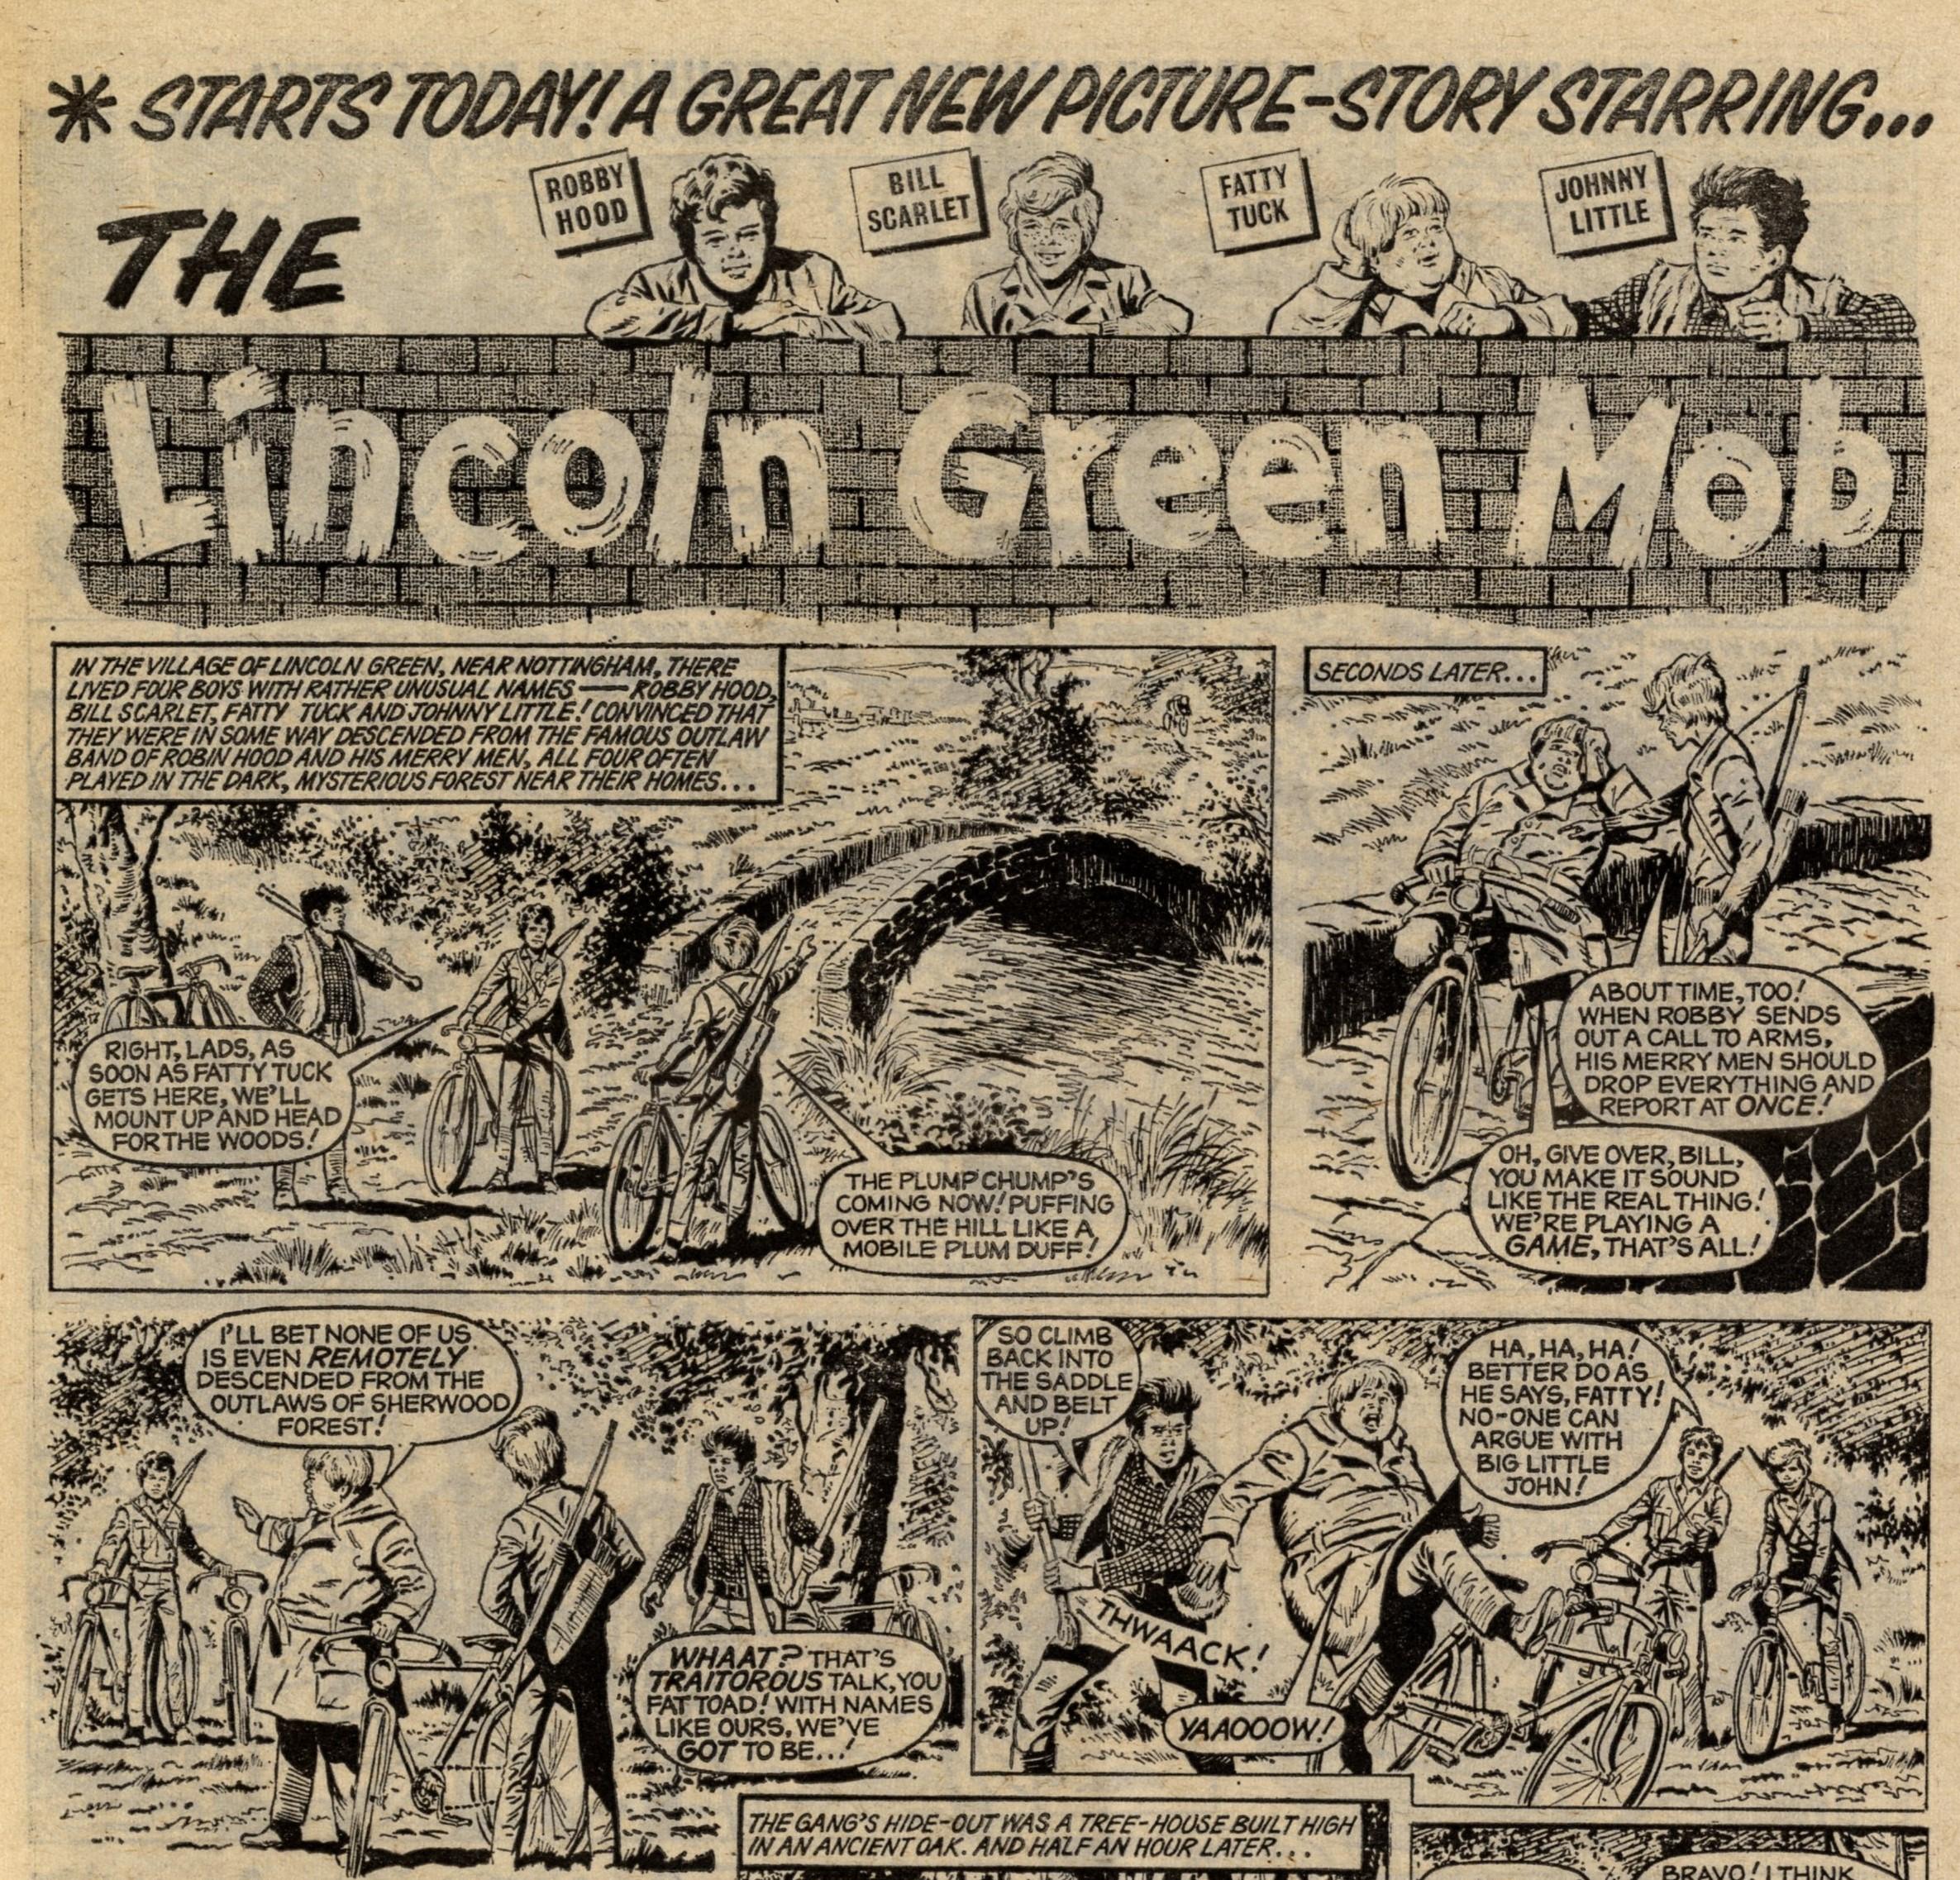 The Lincoln Green Mob: creators unknown